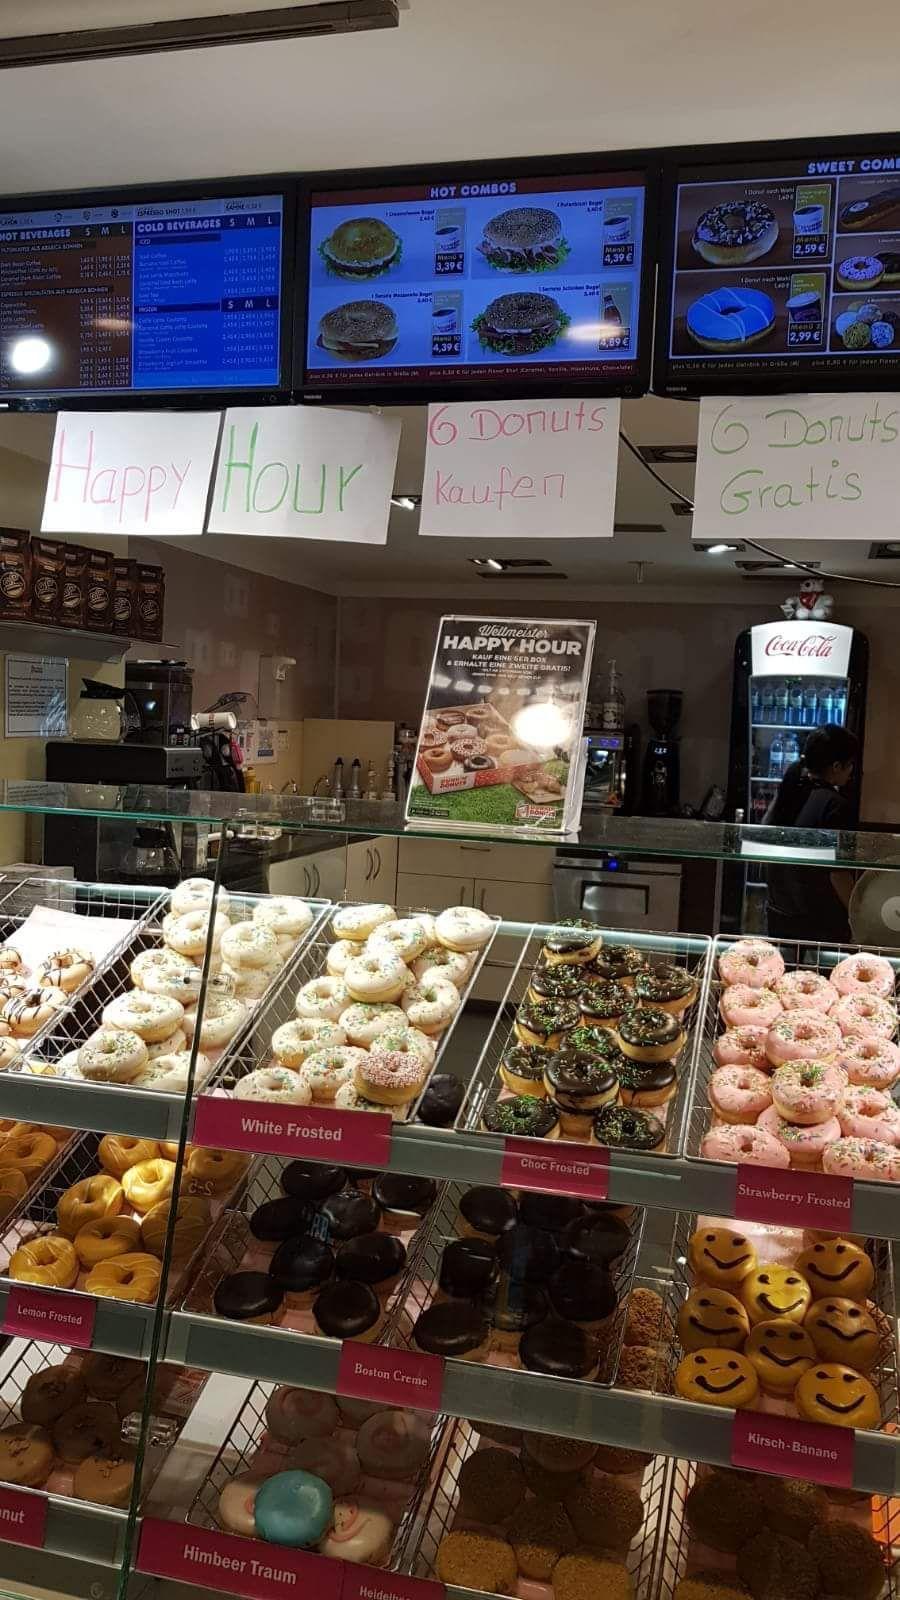 Dunkin Donuts - 6 Donuts kaufen und 6 Gratis bekommen